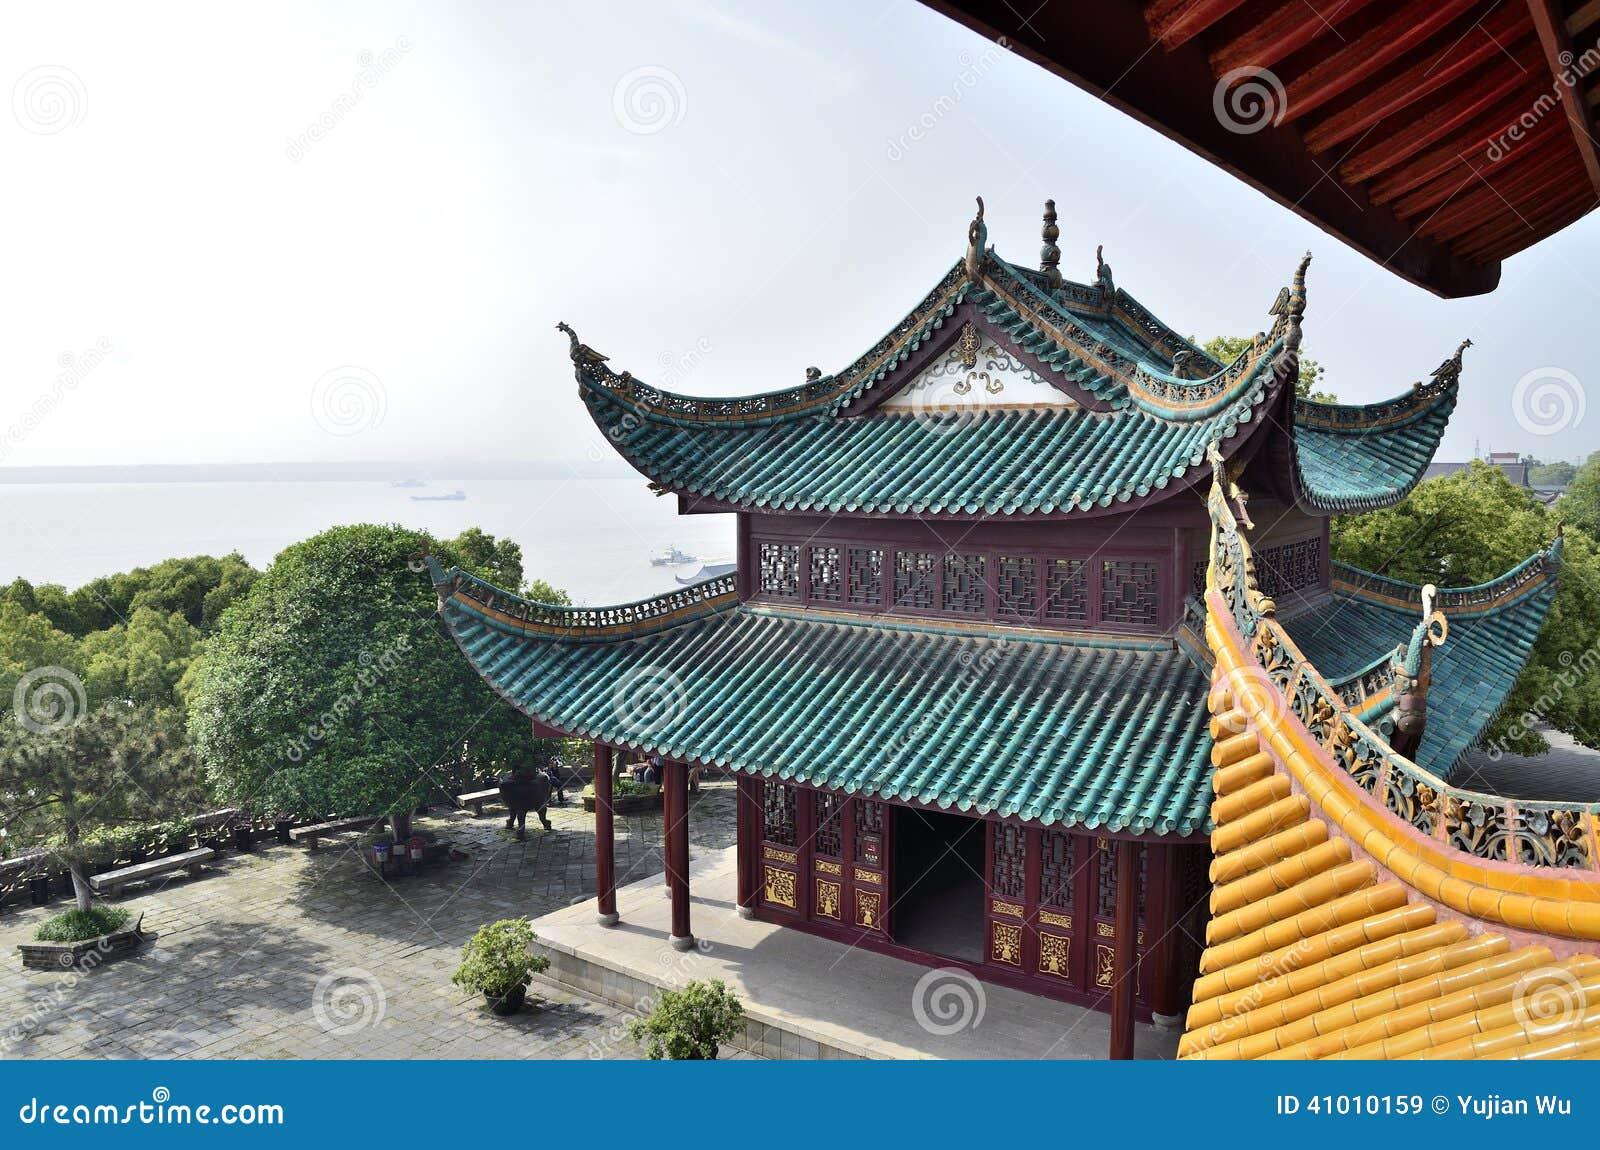 Yueyang China  City pictures : ... Chinese Hunan province Yueyang city Dongting Lake Yueyang Tower Park